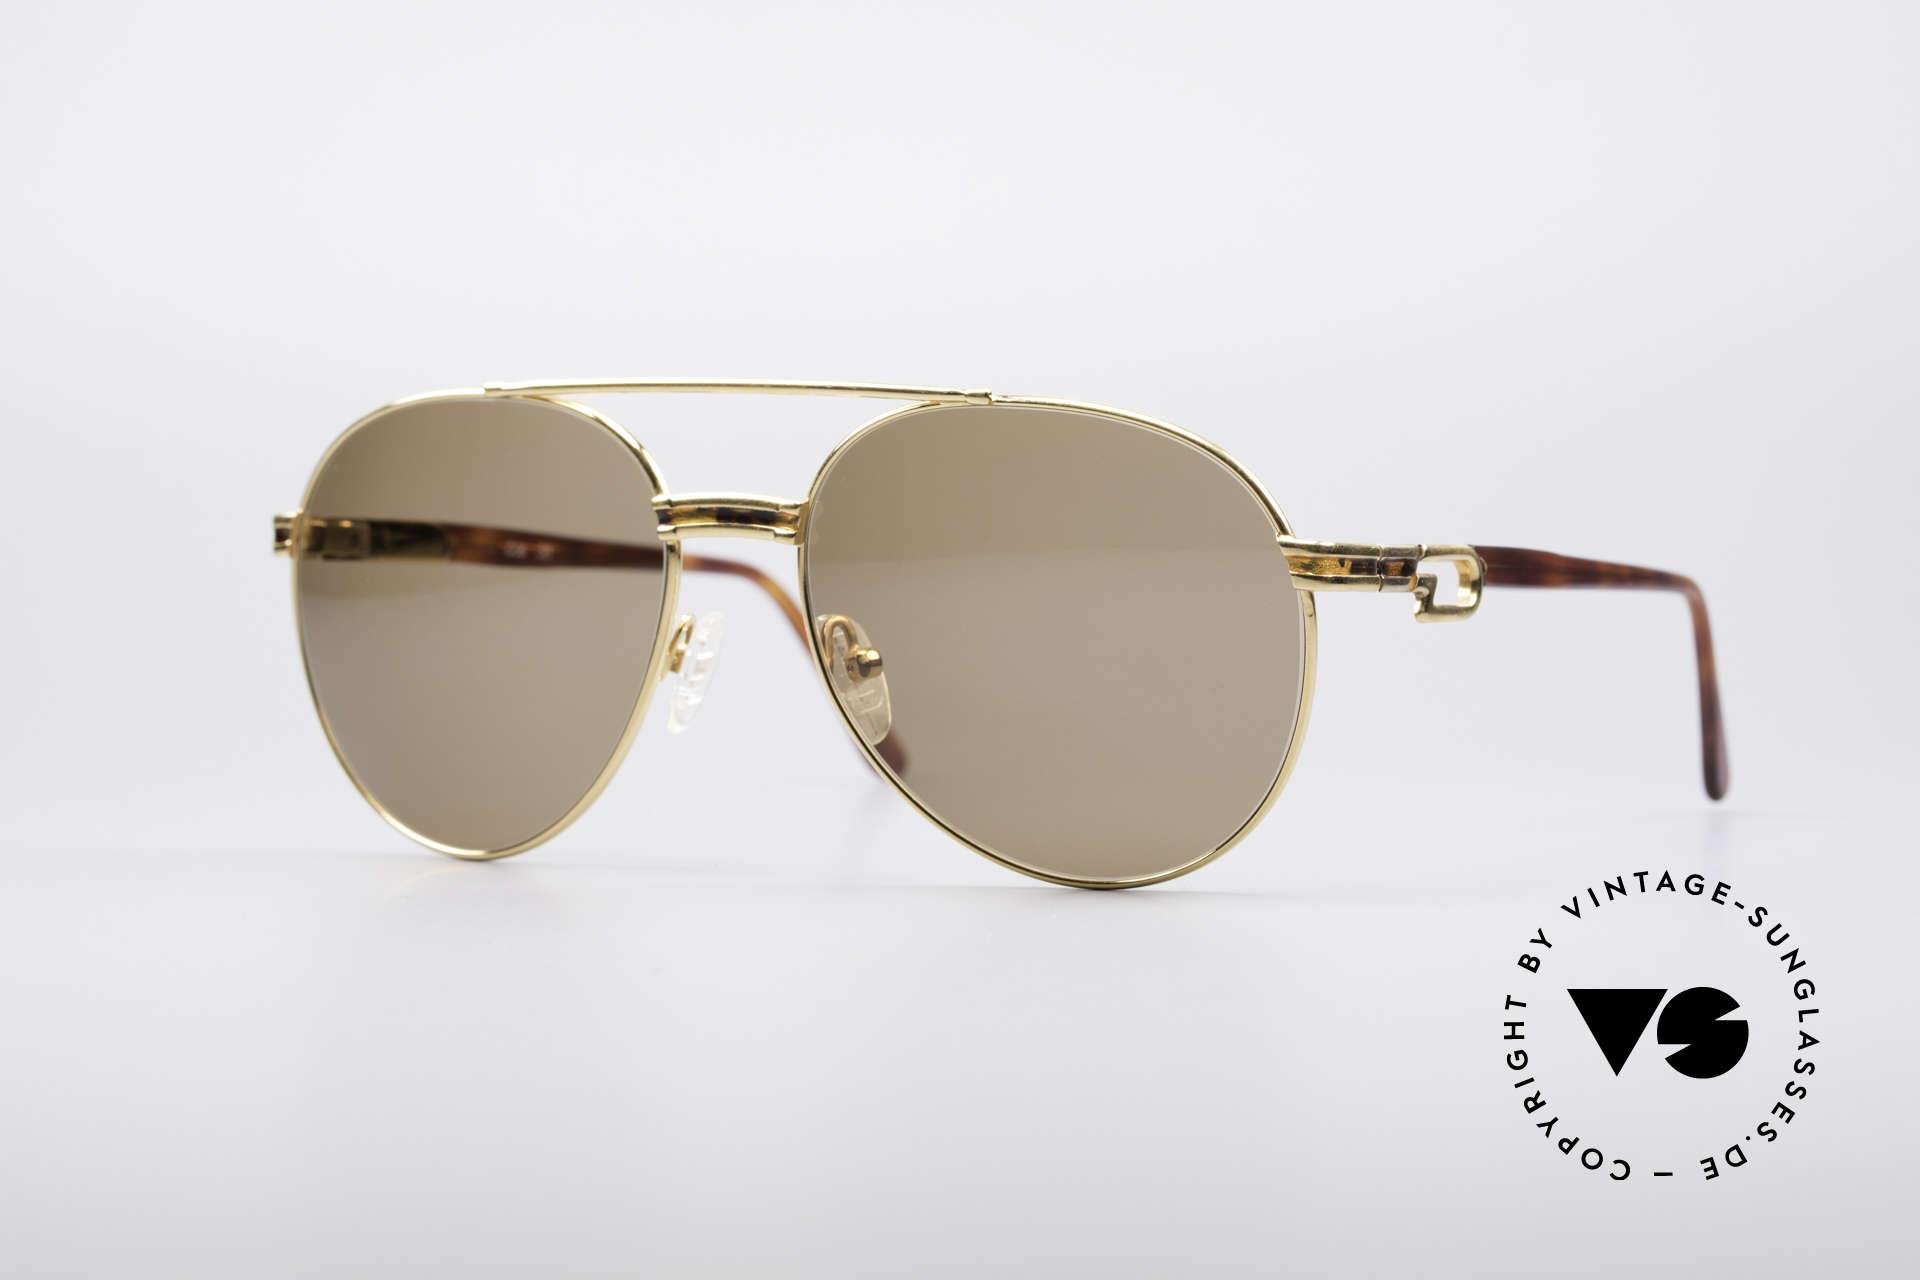 Derapage D2 Vintage No Retro Brille, Derapage Sonnenbrille der klassischen Art aus Italien, Passend für Herren